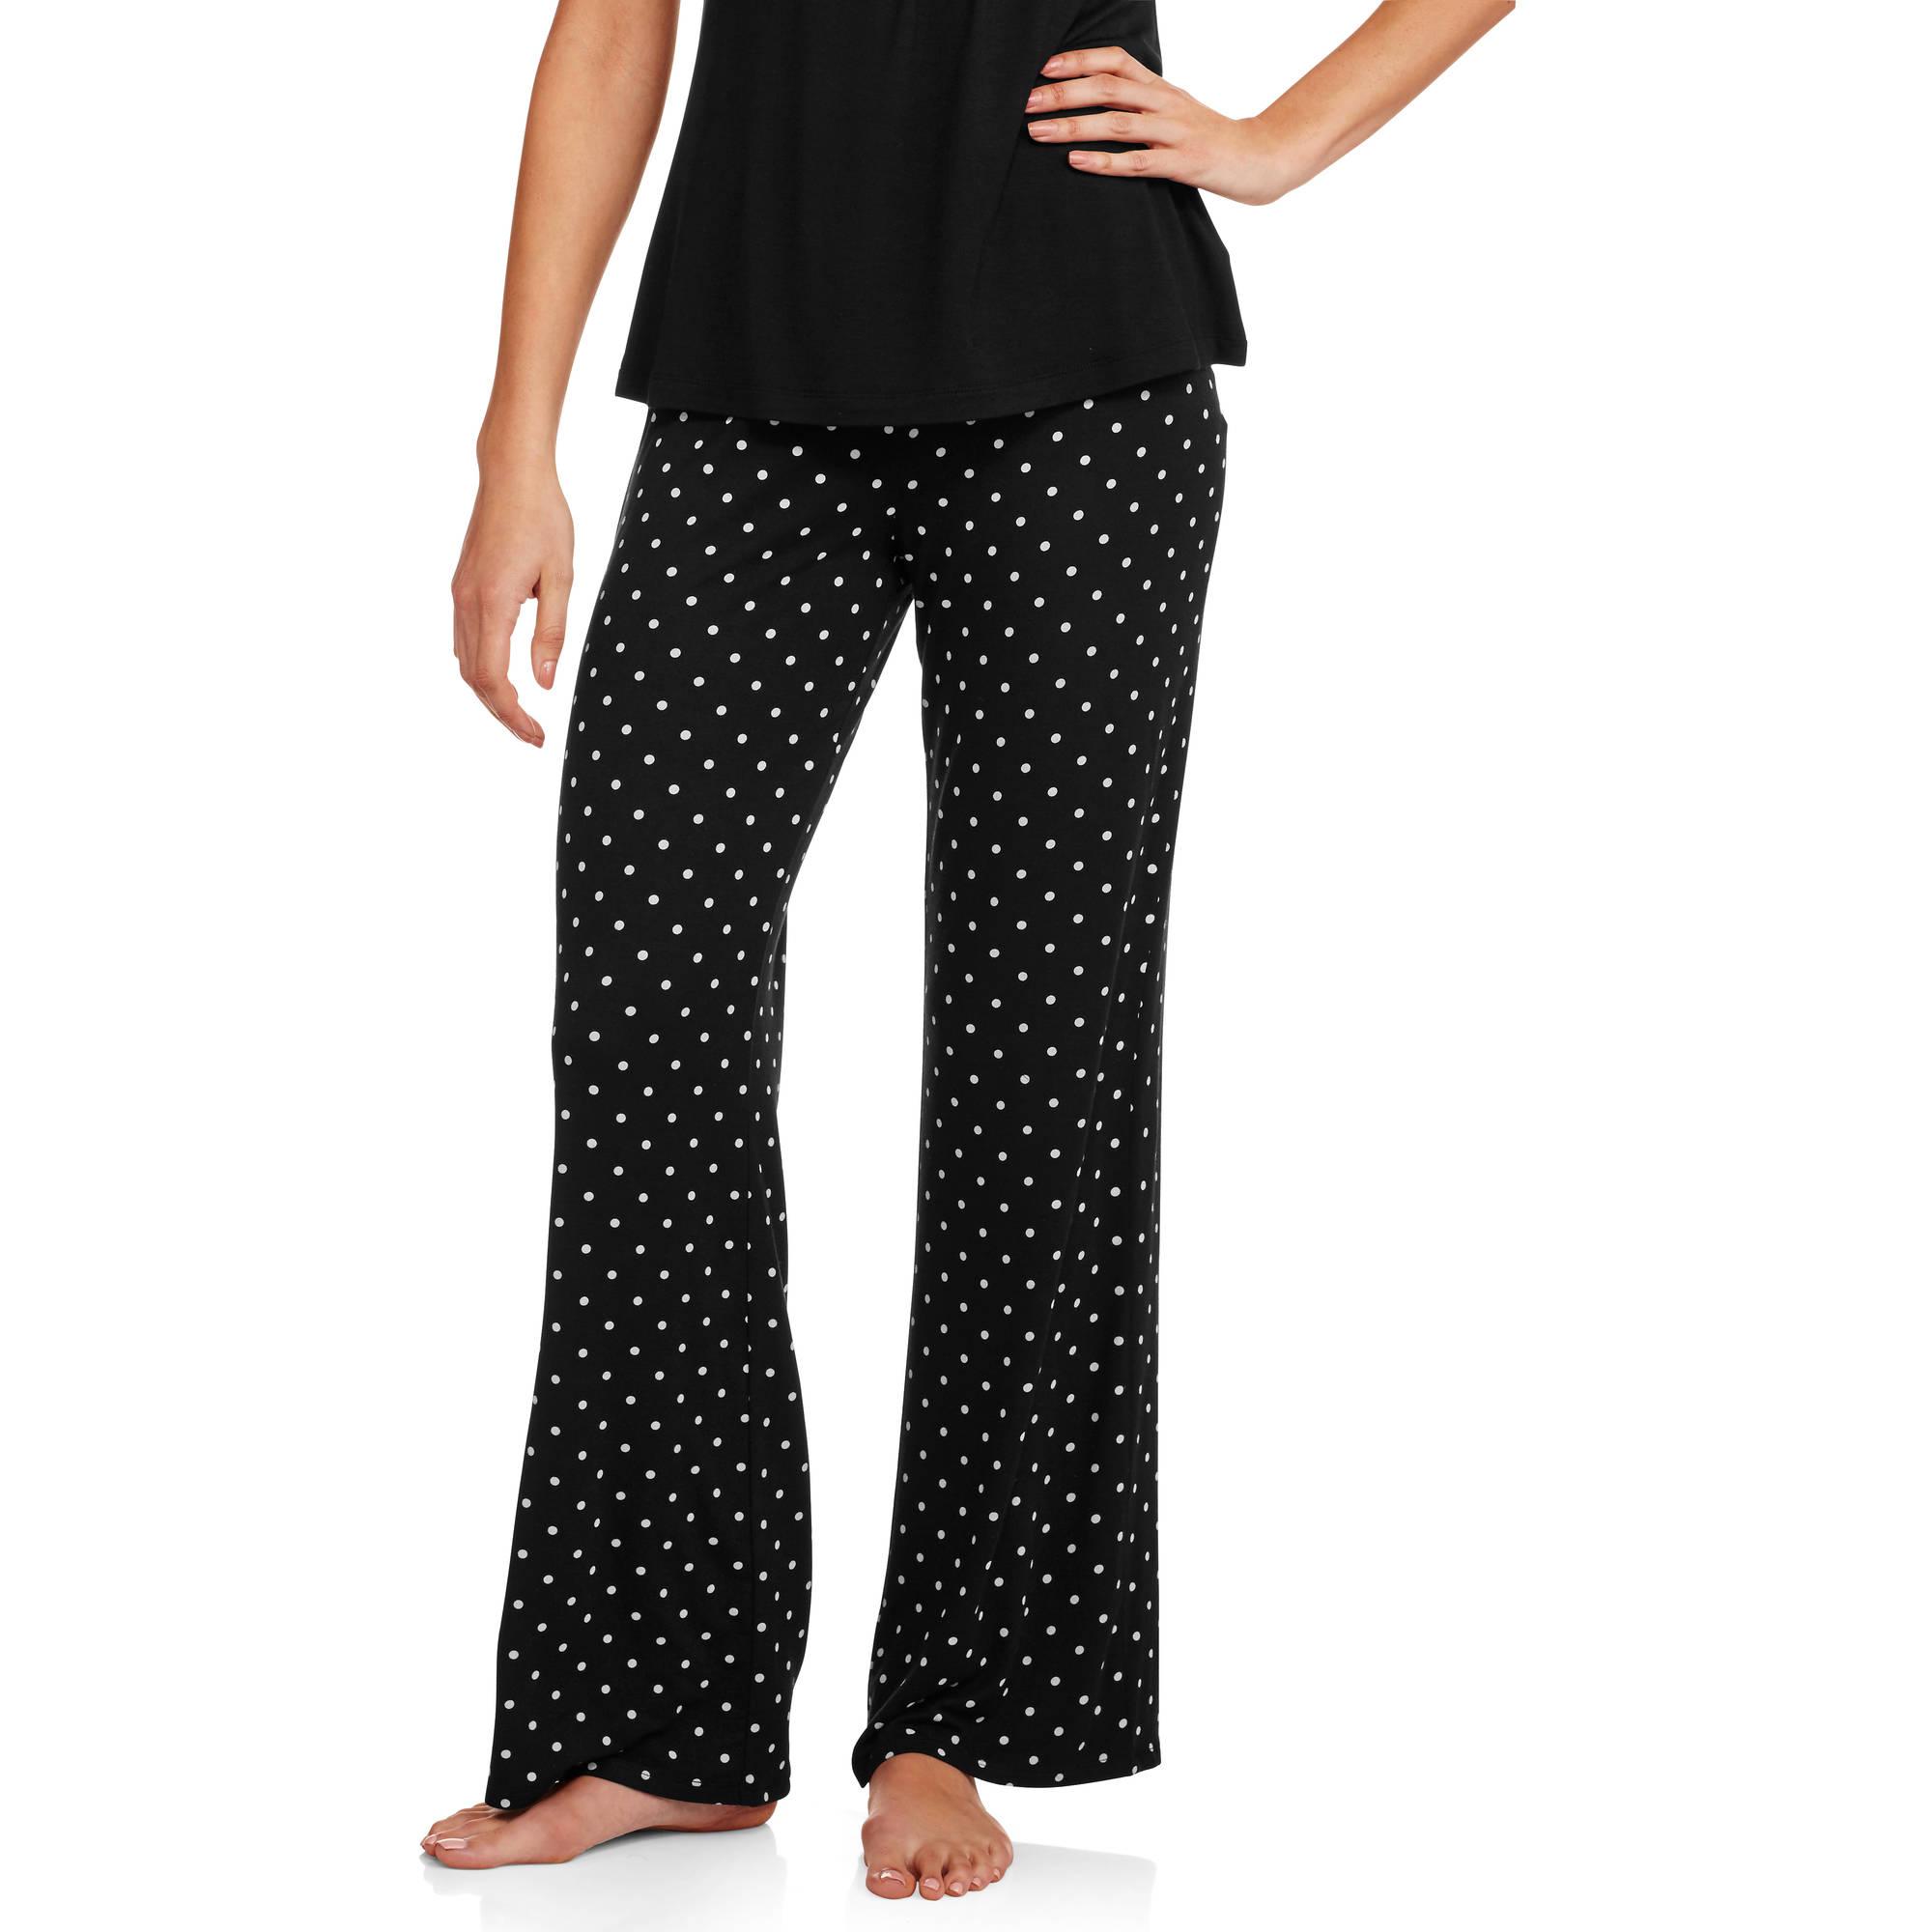 NEW Womens Sleep Shorts Pajamas Plus Size 3X Black White Diamond Rayon PJ Bottom